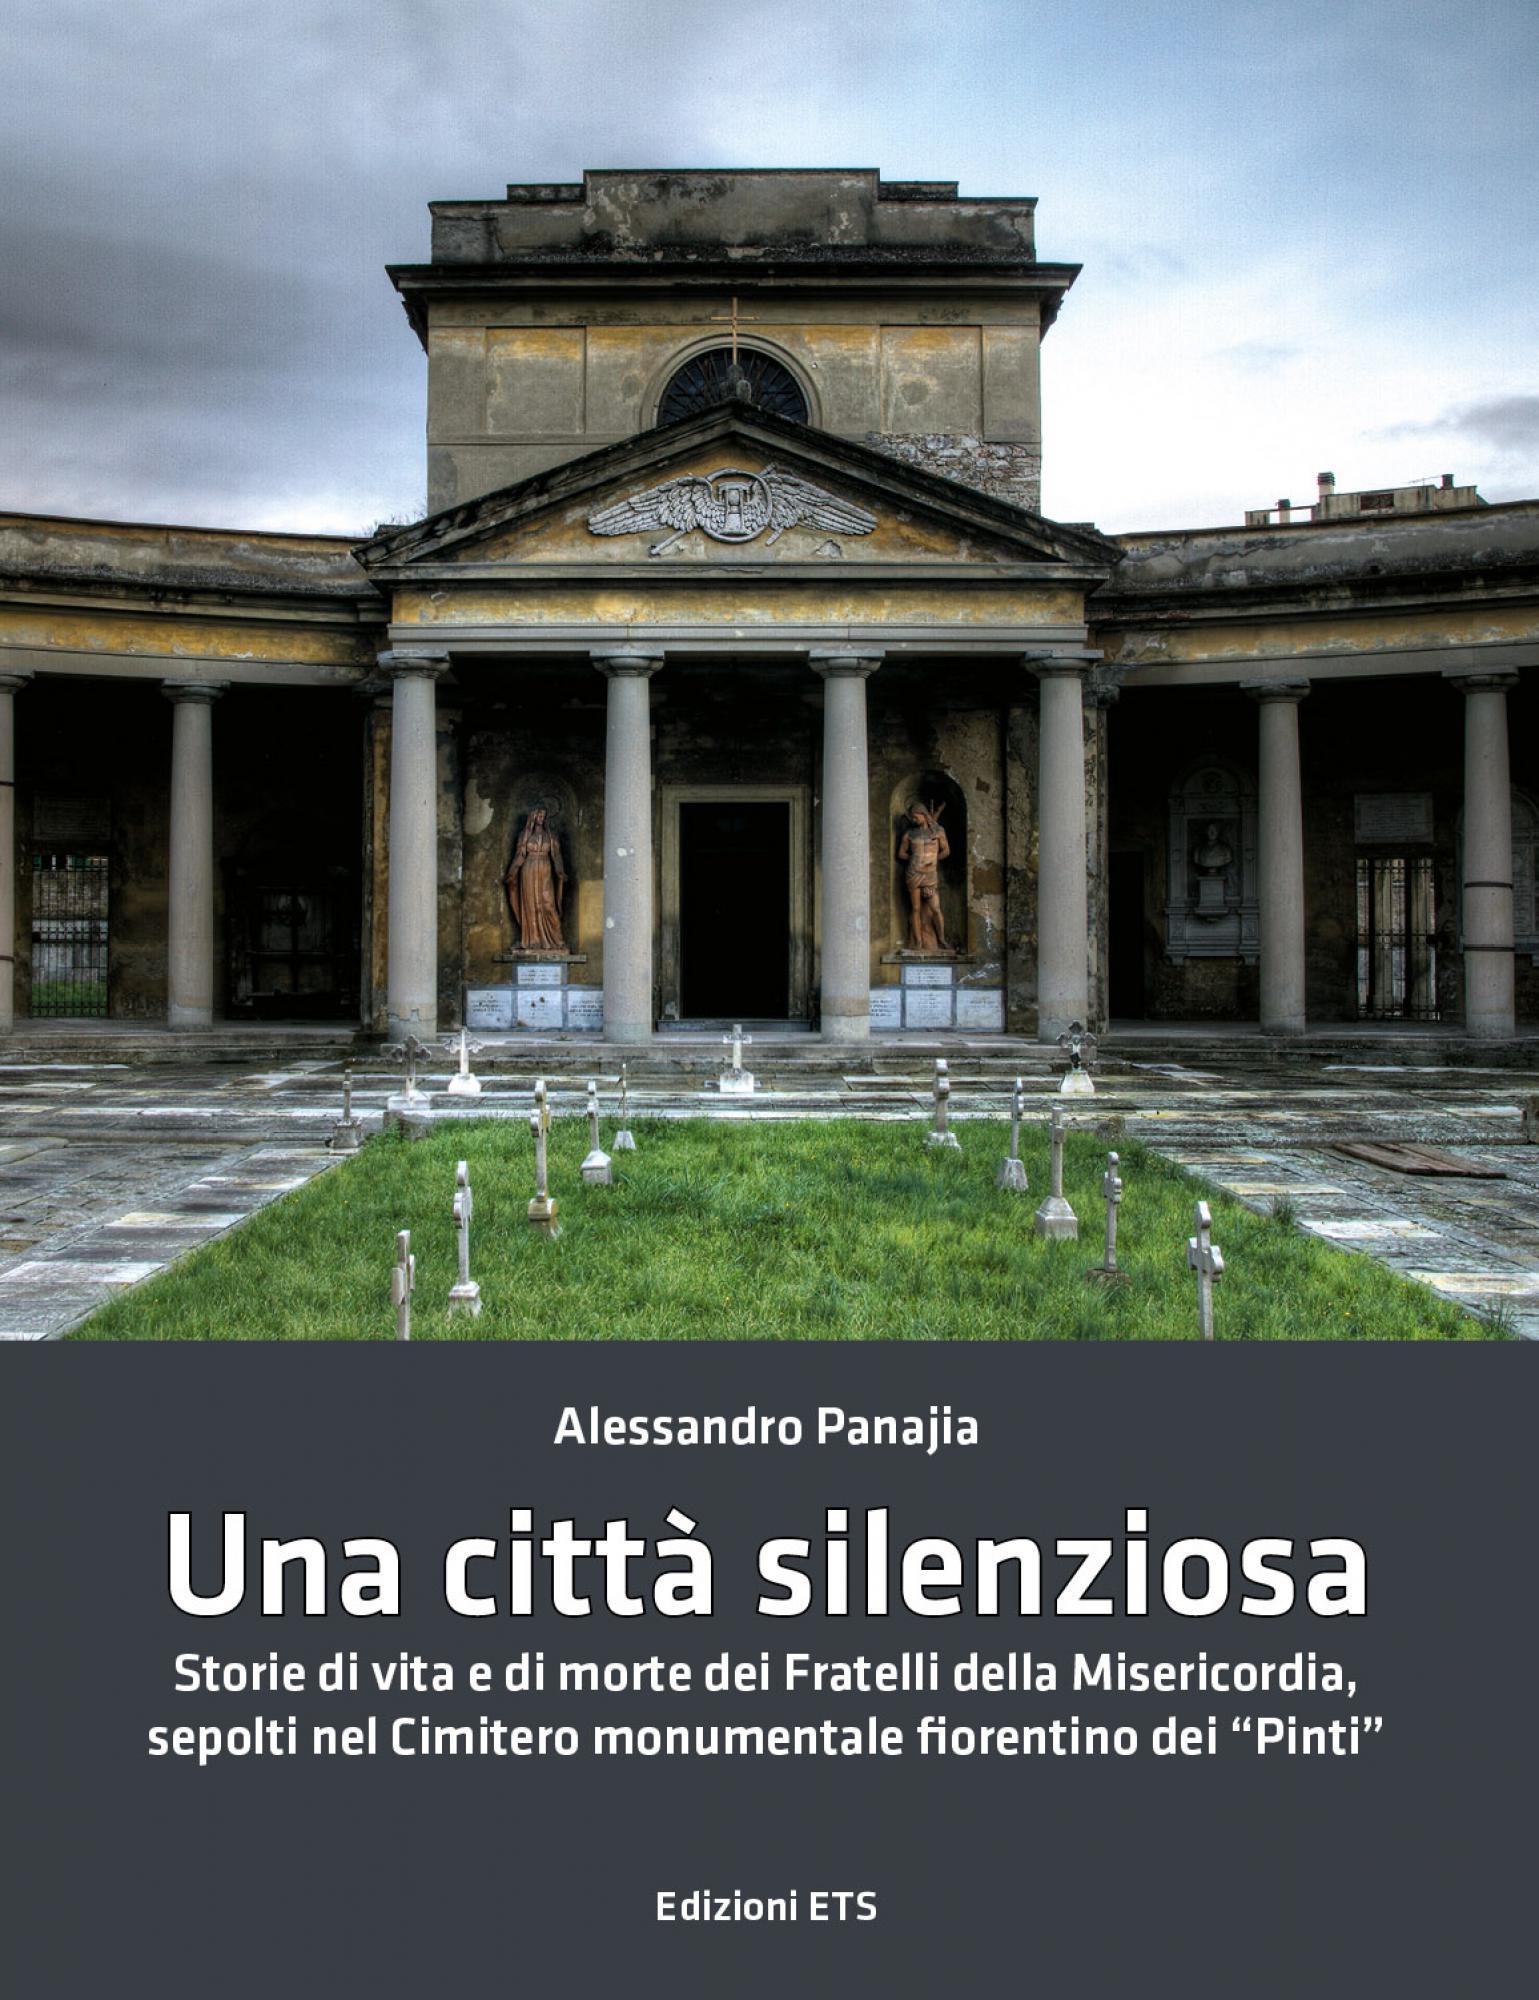 """Una città silenziosa.Storie di vita e di morte dei Fratelli della Misericordia, sepolti nel Cimitero monumentale fiorentino di """"Pinti"""""""